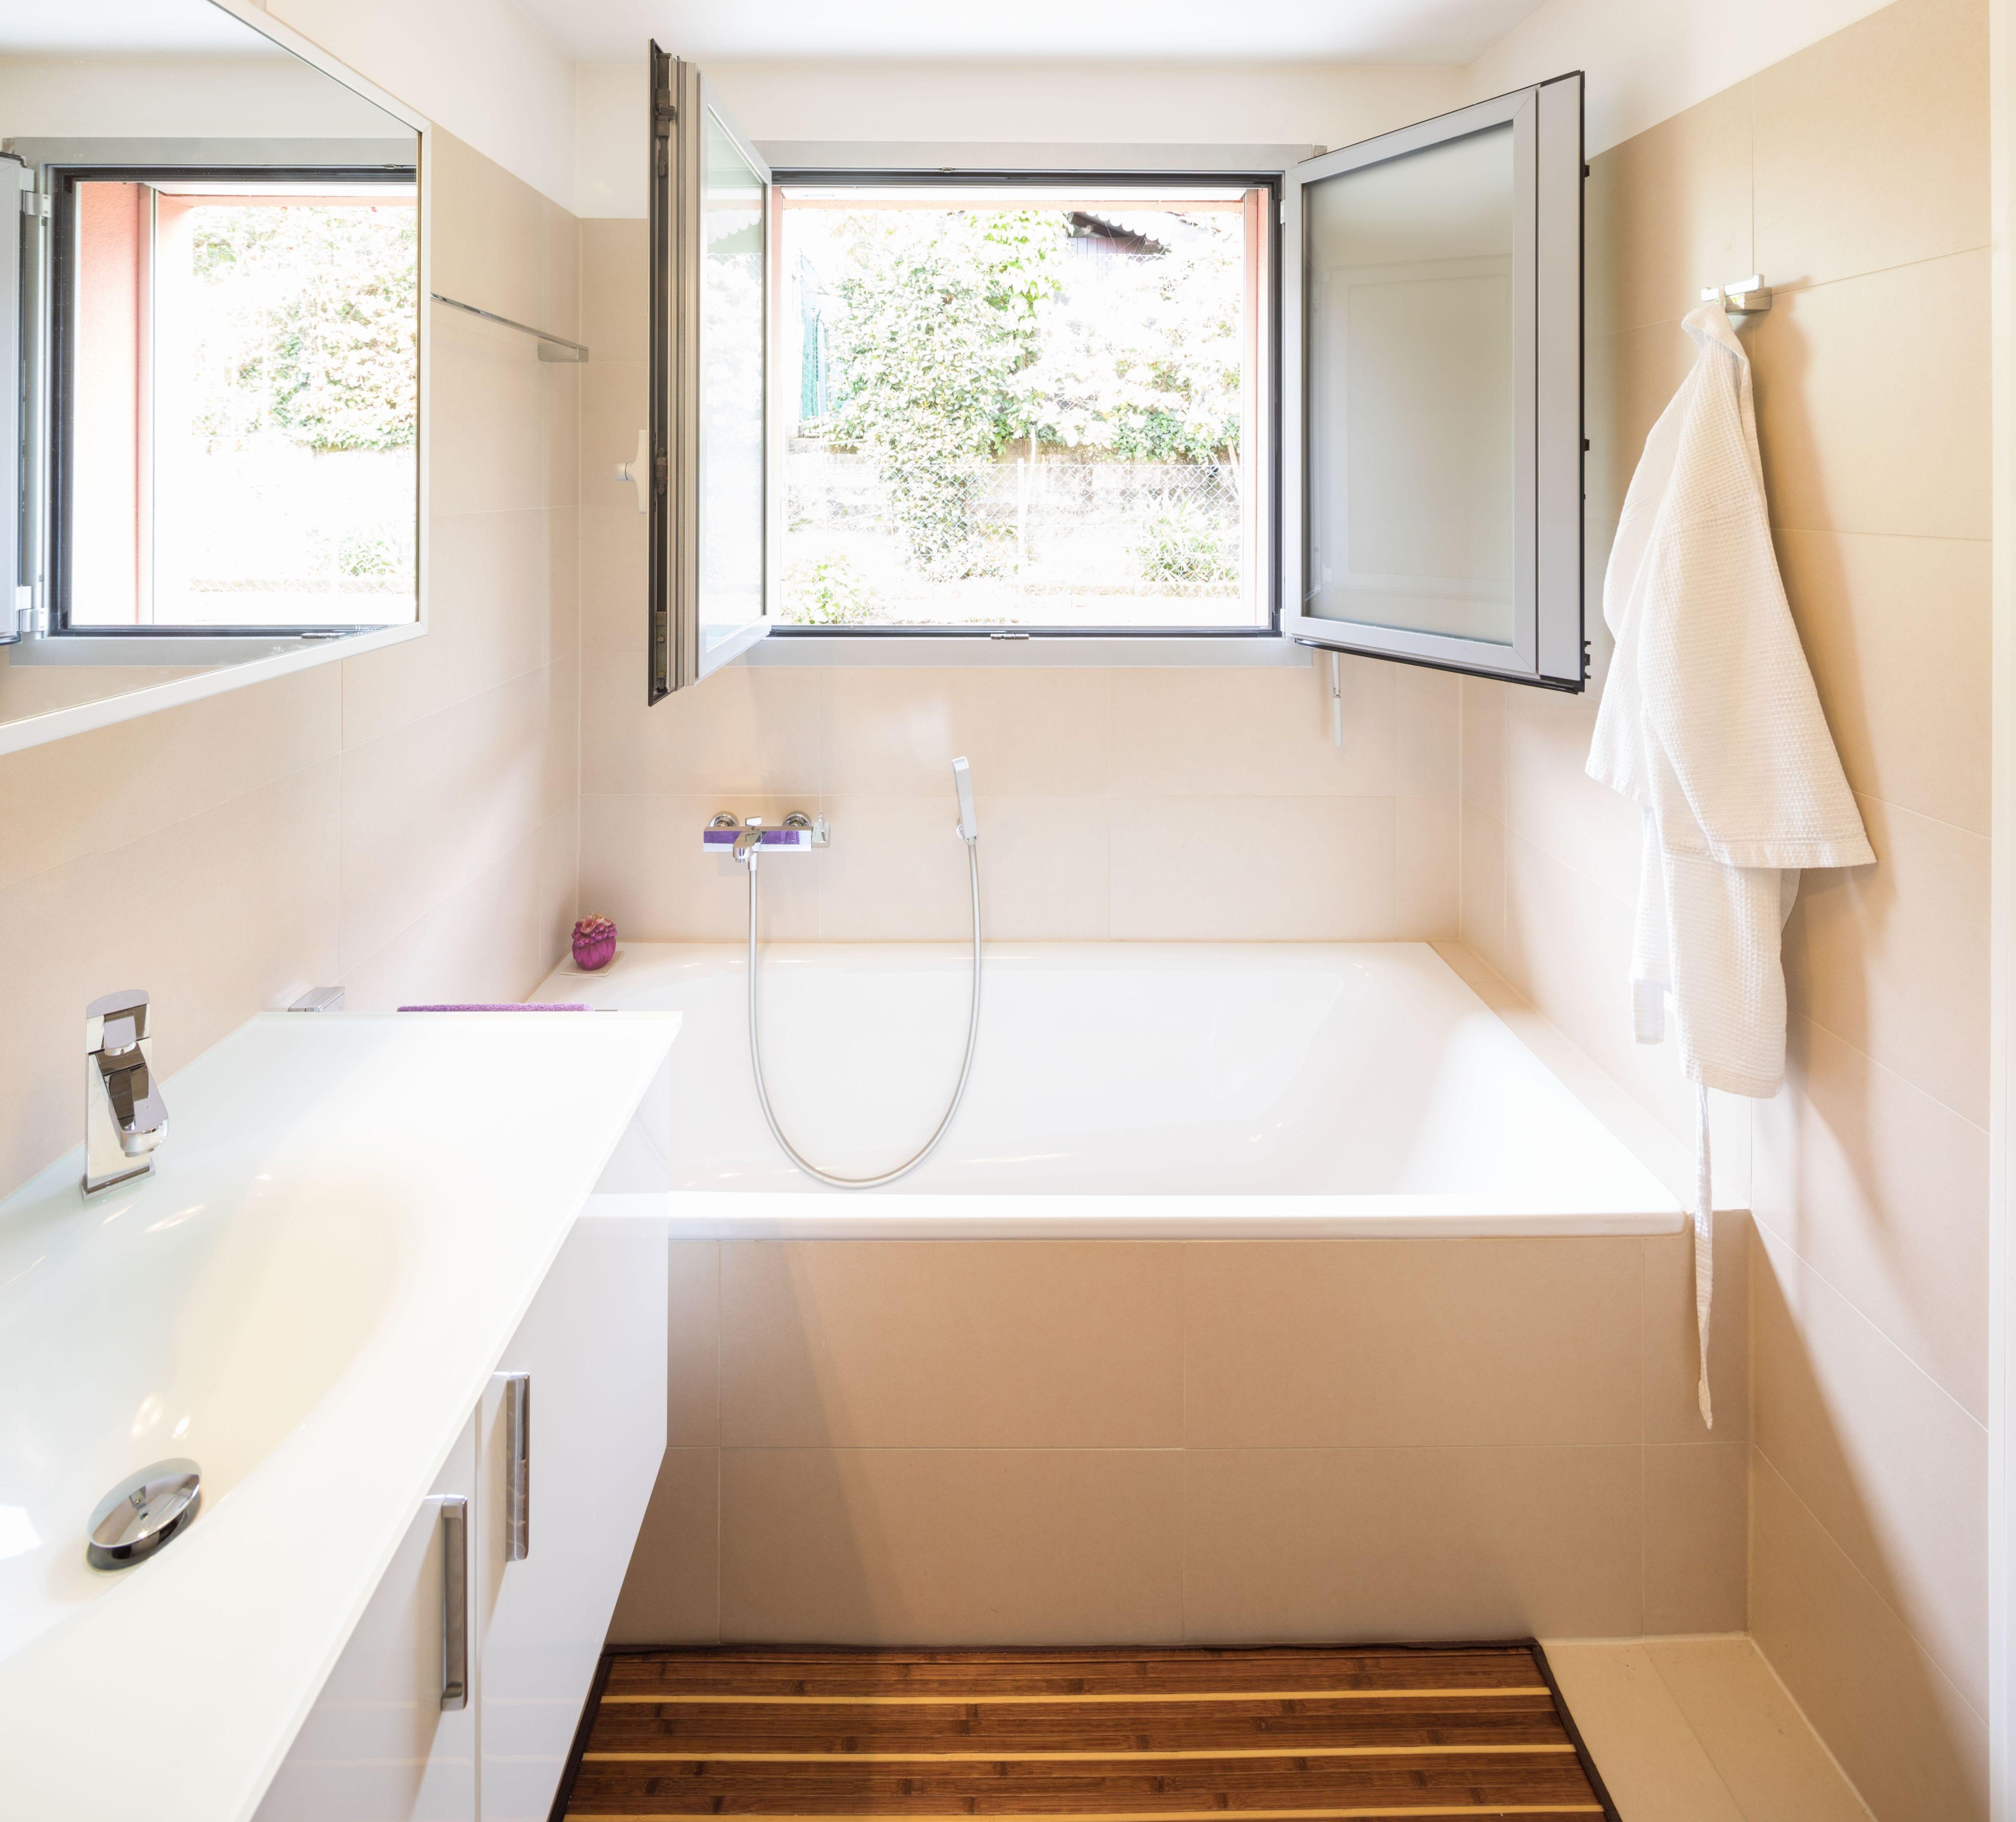 Bad lüften - Tipps, wie Sie ihr Bad richtig lüften Haushaltstipps.net